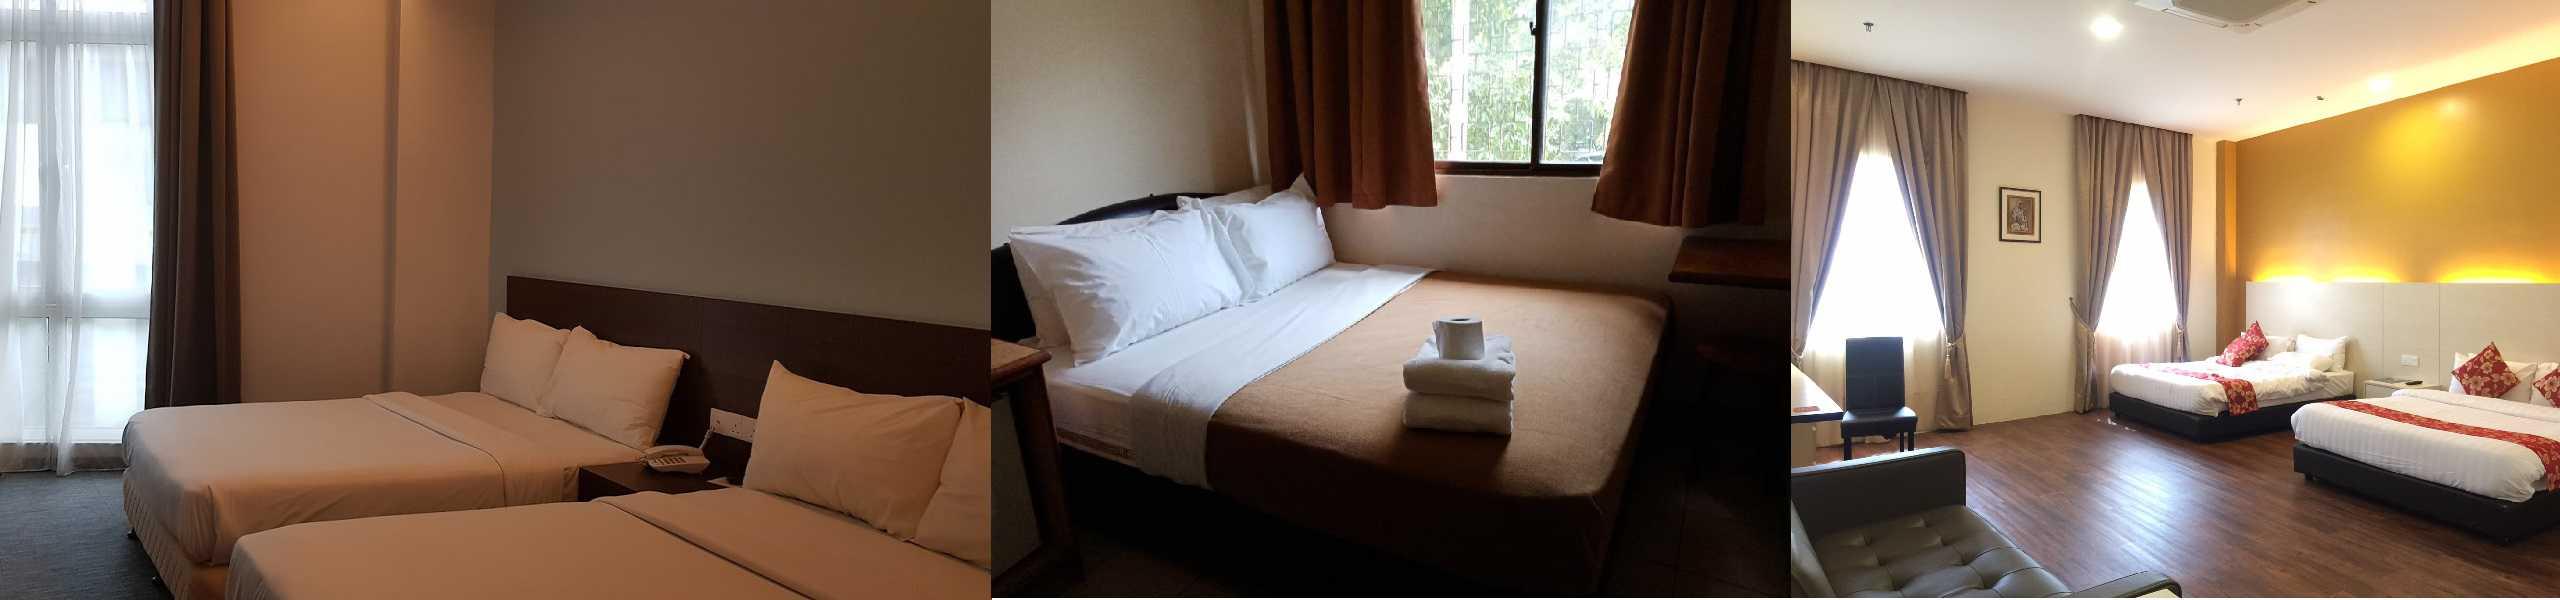 Khách sạn giá rẻ ở Malaysia. Tư vấn lựa chọn khách sạn giá rẻ, bình dân ở Malaysia